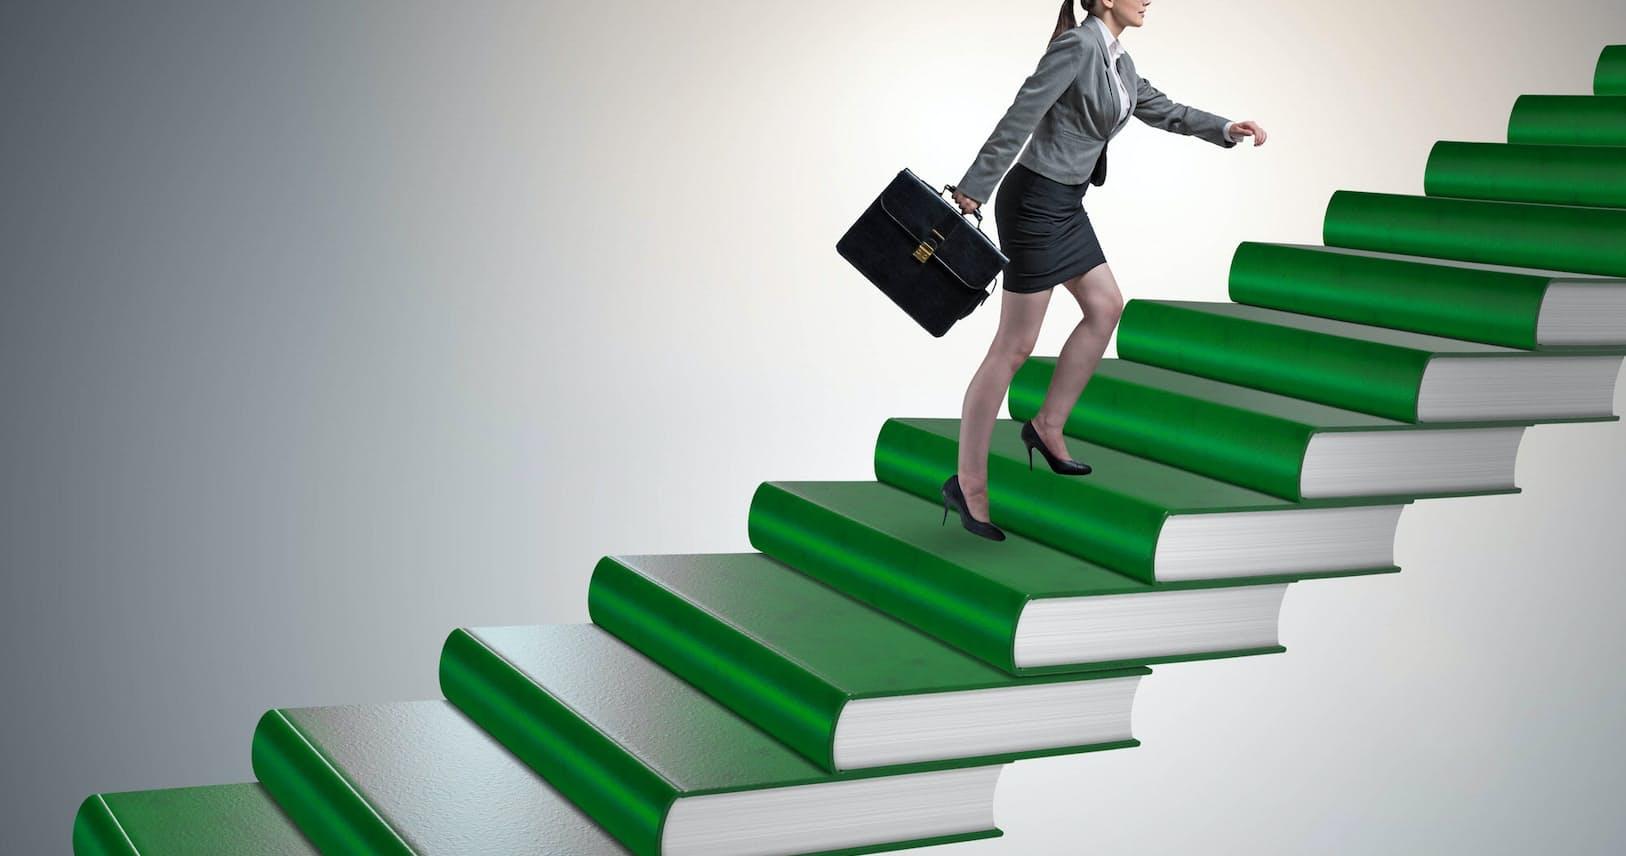 75歳受給なら8割増 知っておきたい年金の3大改定|WOMAN SMART|NIKKEI STYLE